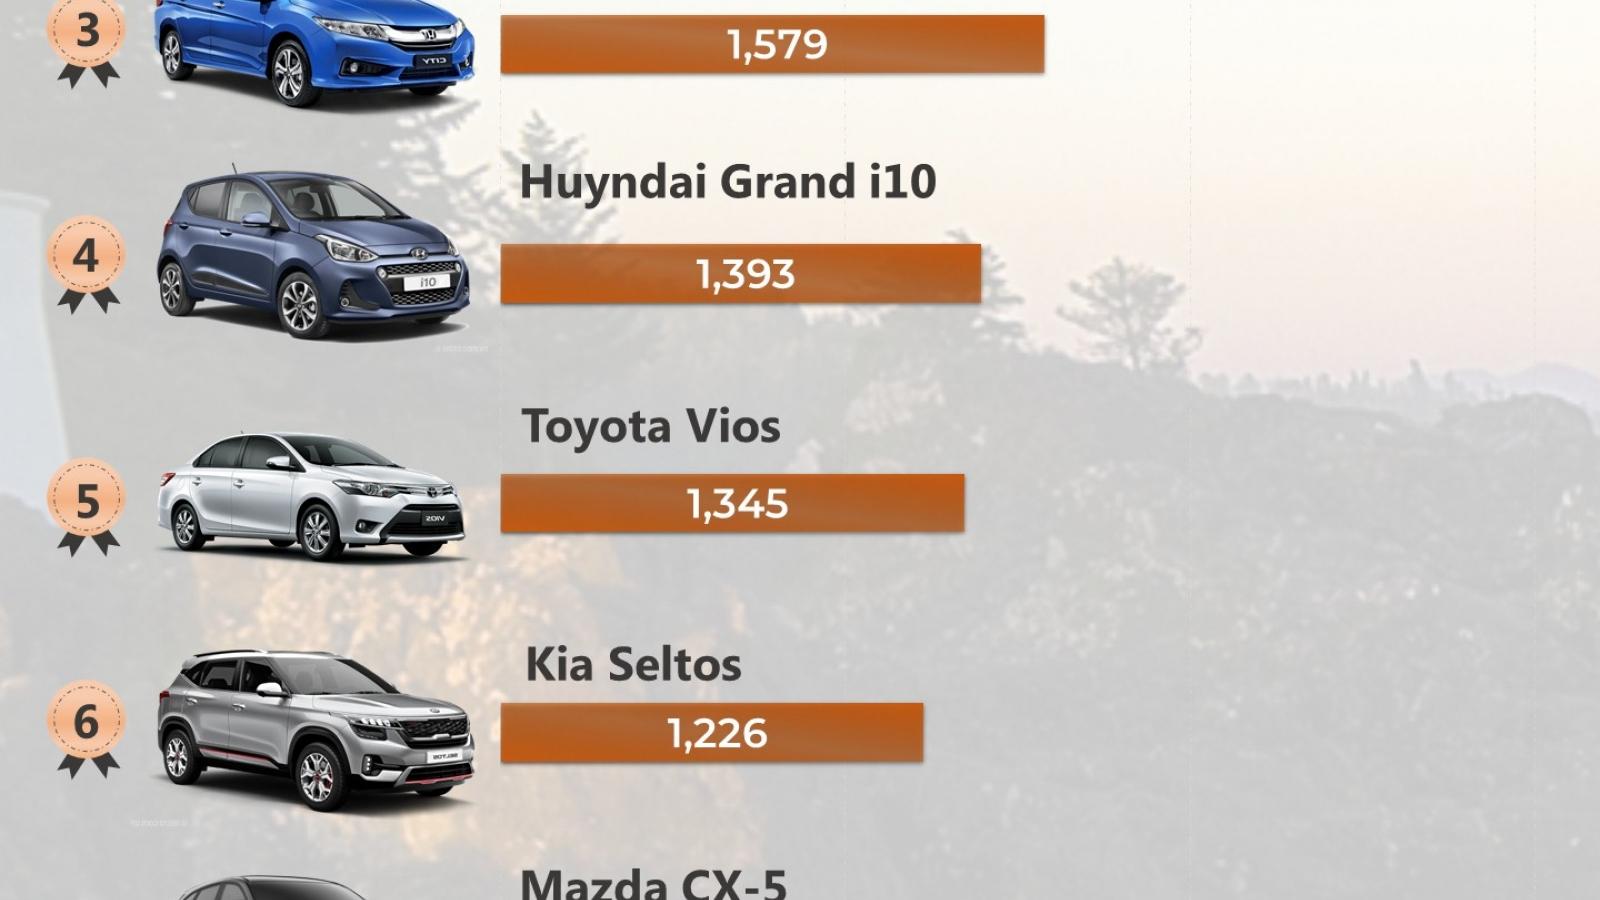 Top 10 mẫu xe bán chạy nhất thị trường Việt Nam tháng 1/2021